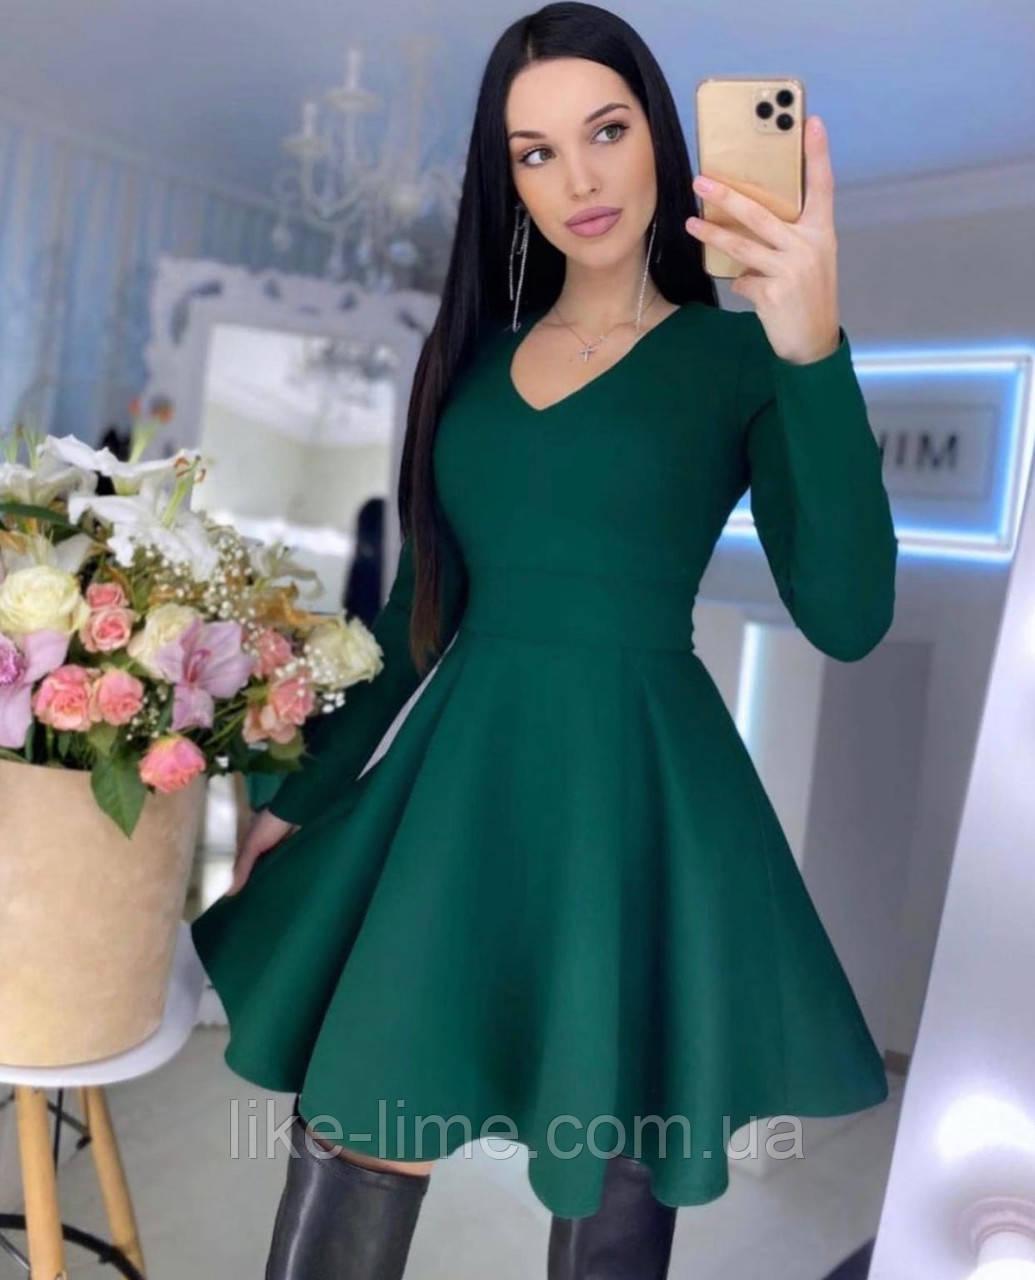 Женское красивое однотонное платье с юбкой солнце клеш